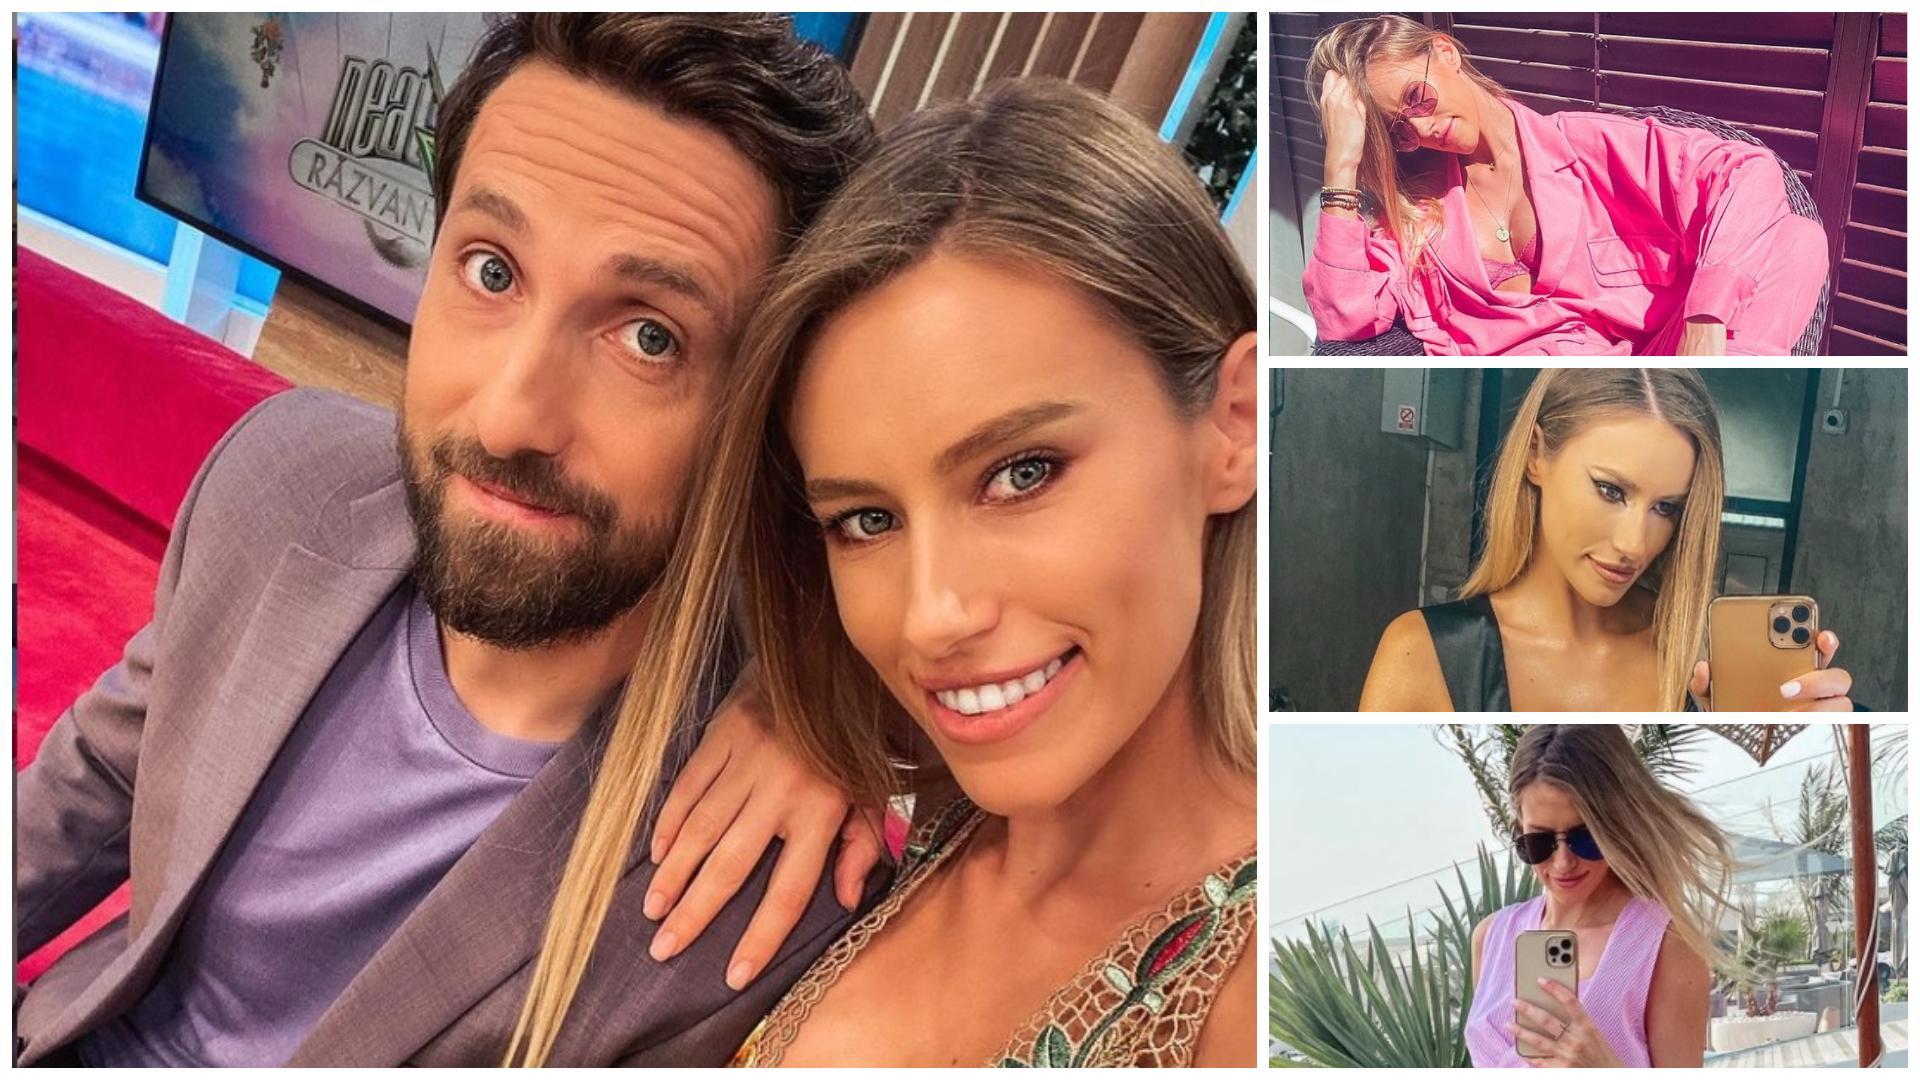 Colaj cu Dani Oțil și logodnica lui. Gabriela Prisăcariu poartă un maiou înflorat, un corset negru, o bluză roz și o rochie roz